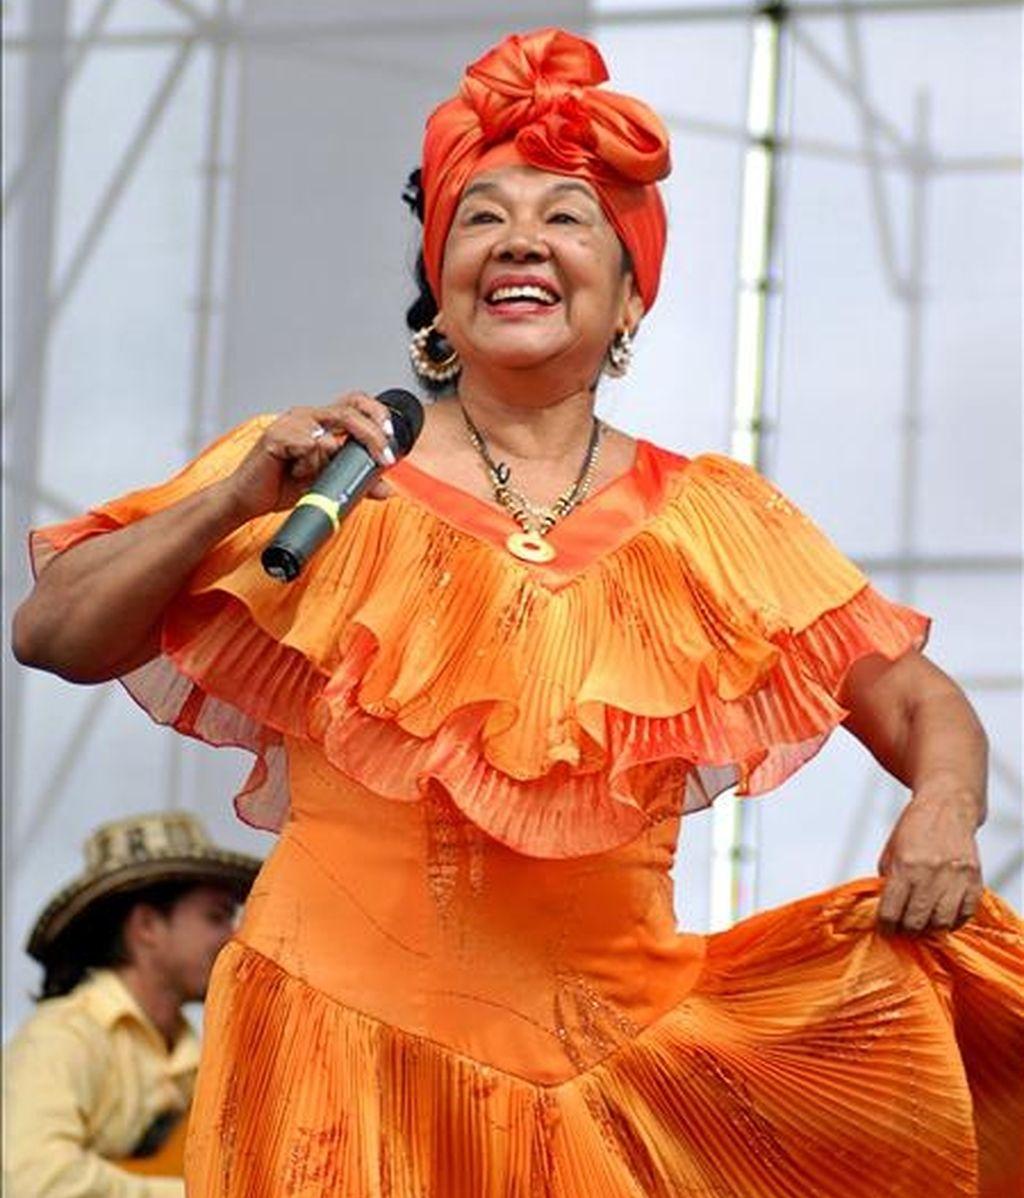 La artista colombiana Toto la Momposina durante una actuación en Bogotá (Colombia). EFE/Archivo